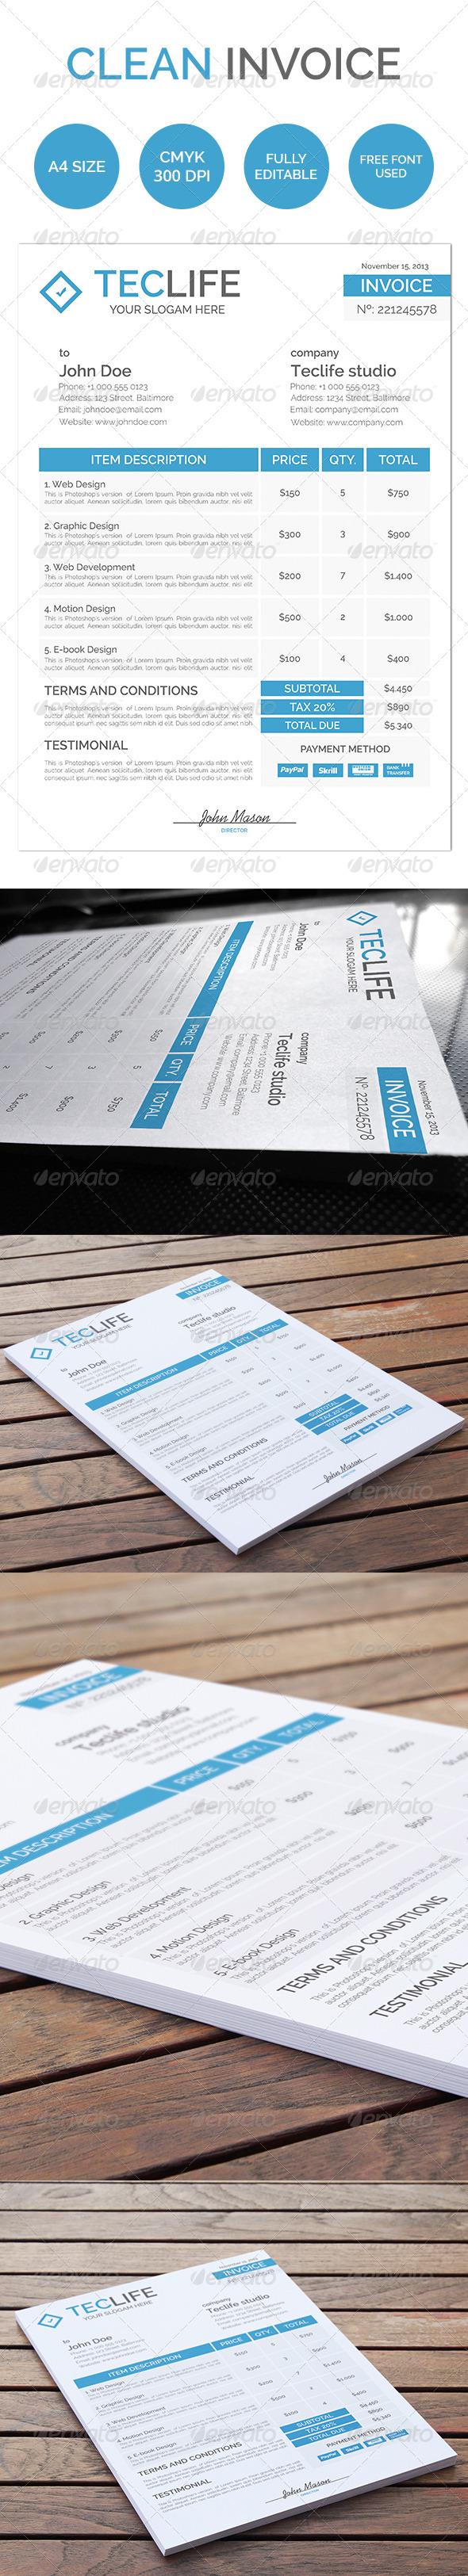 GraphicRiver Clean Invoice 5320137